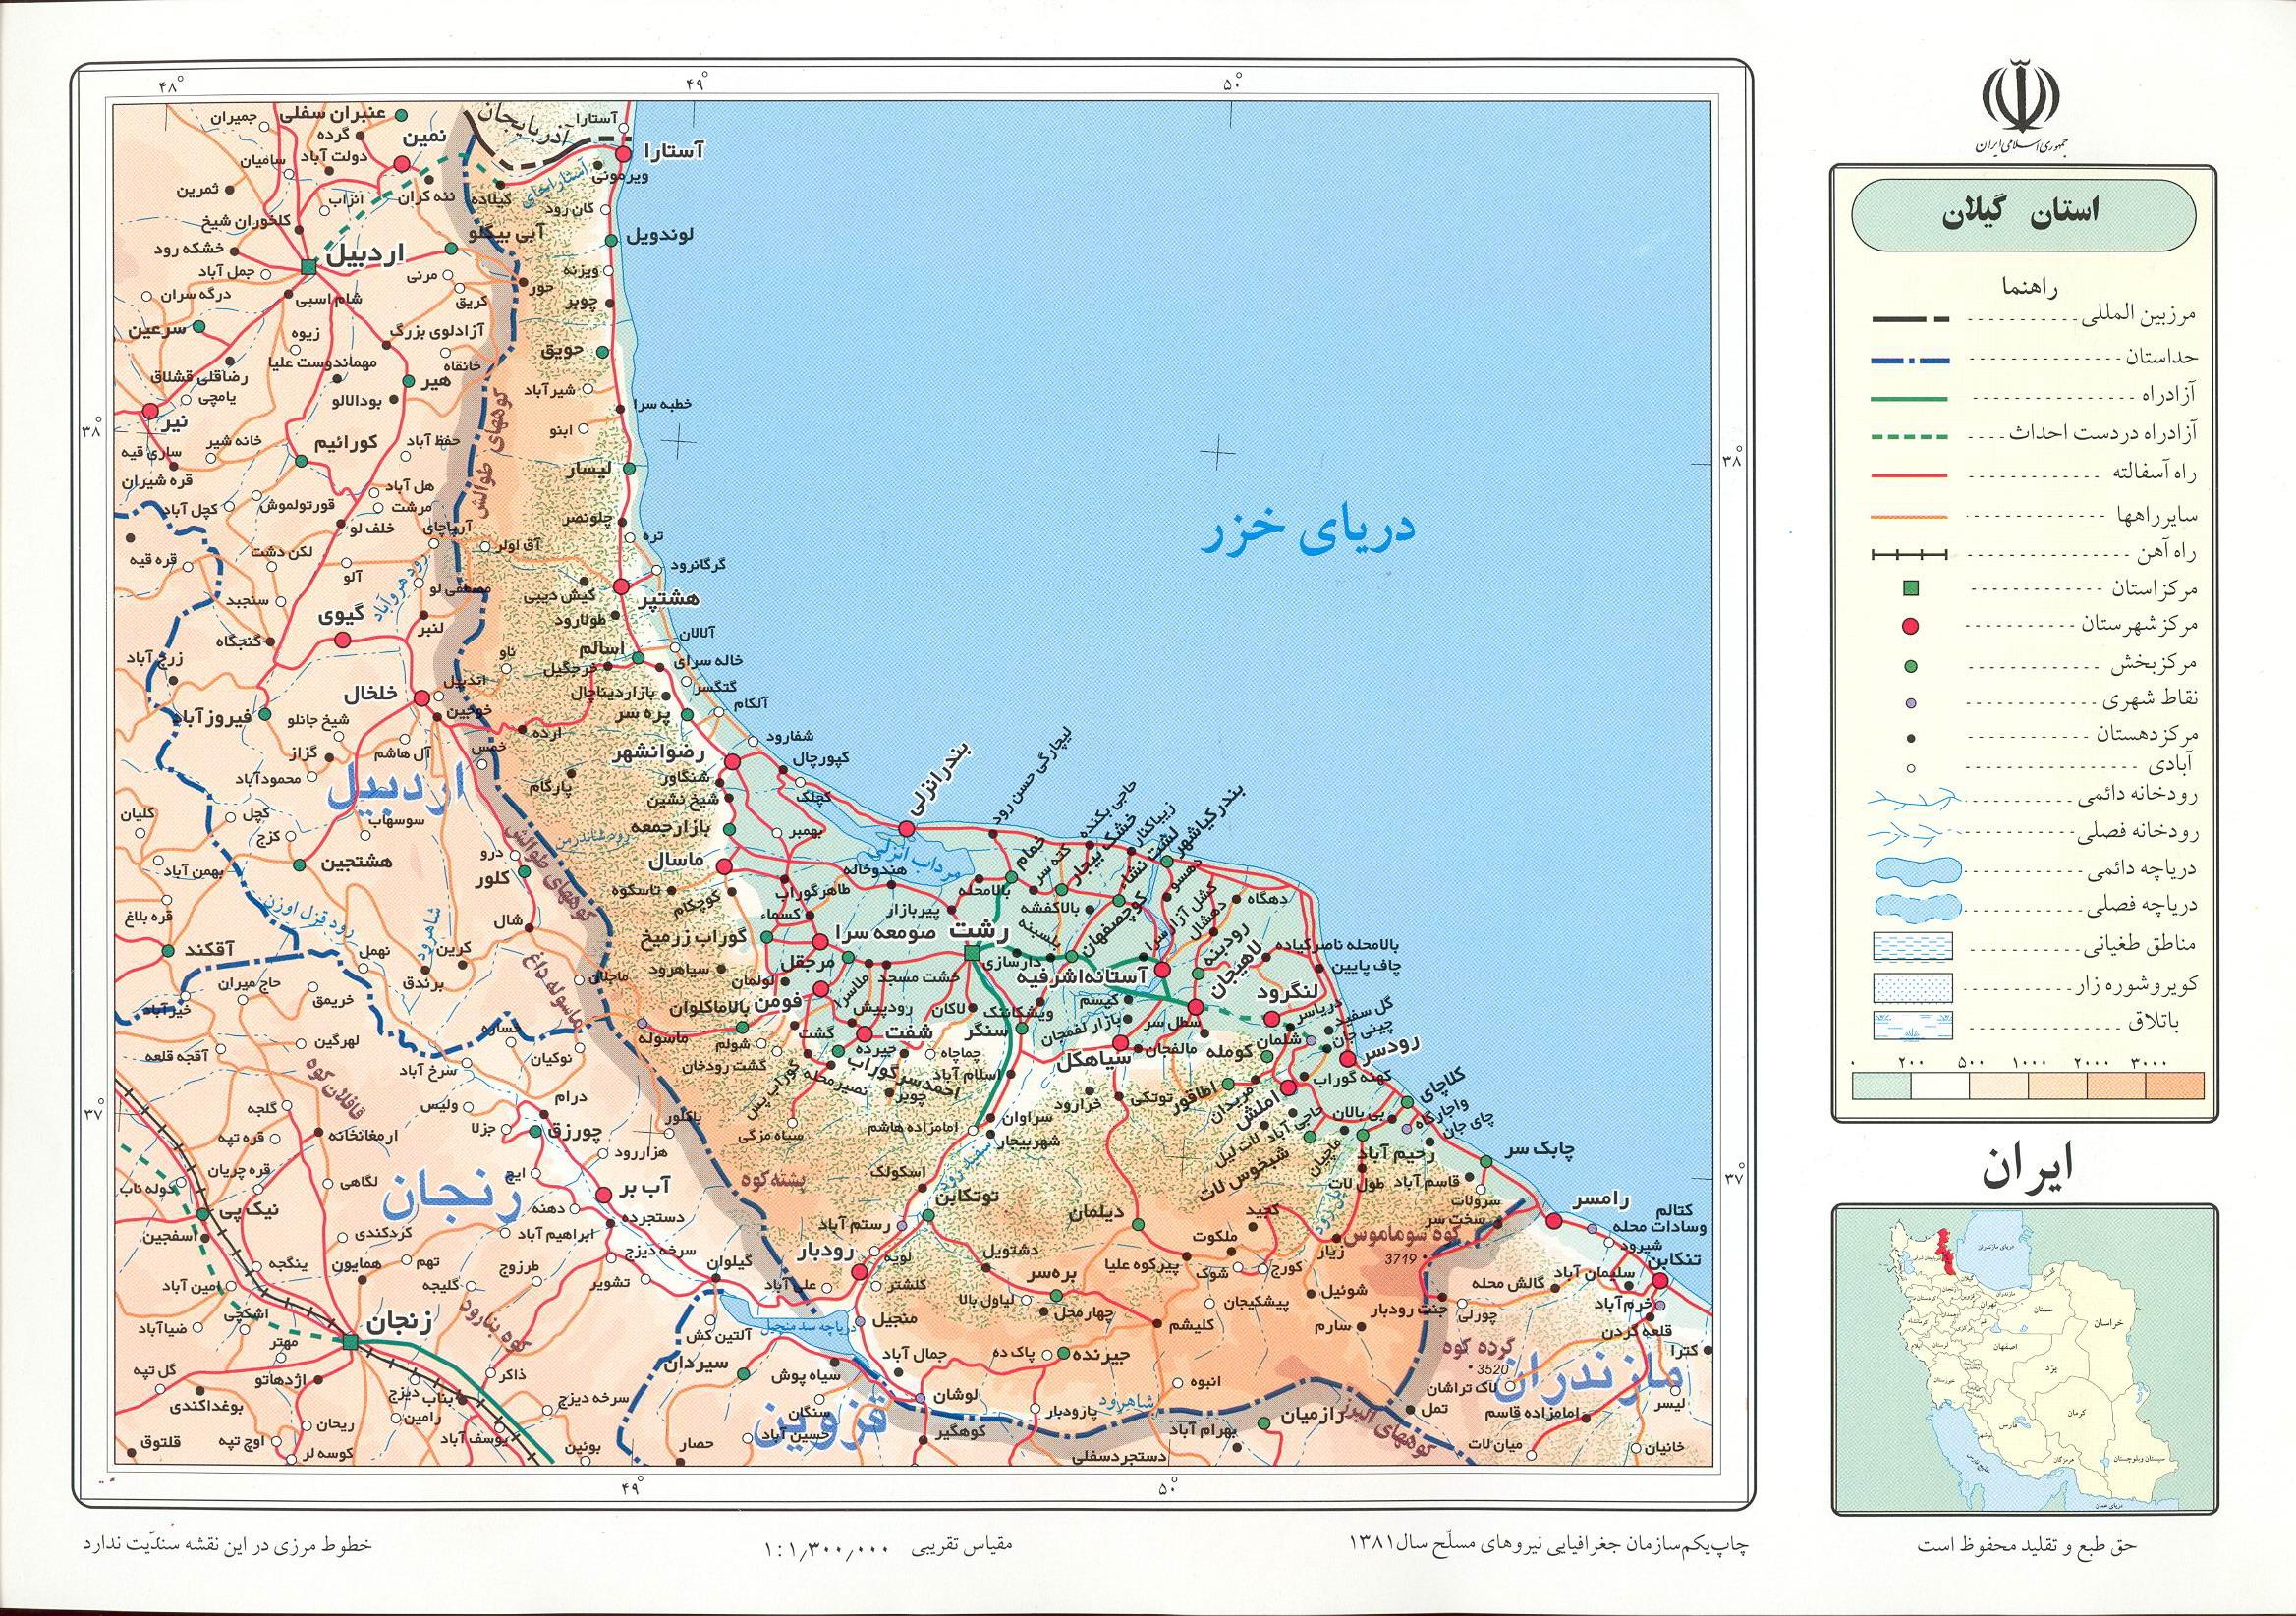 نقشه لاهیجان با جزئیات